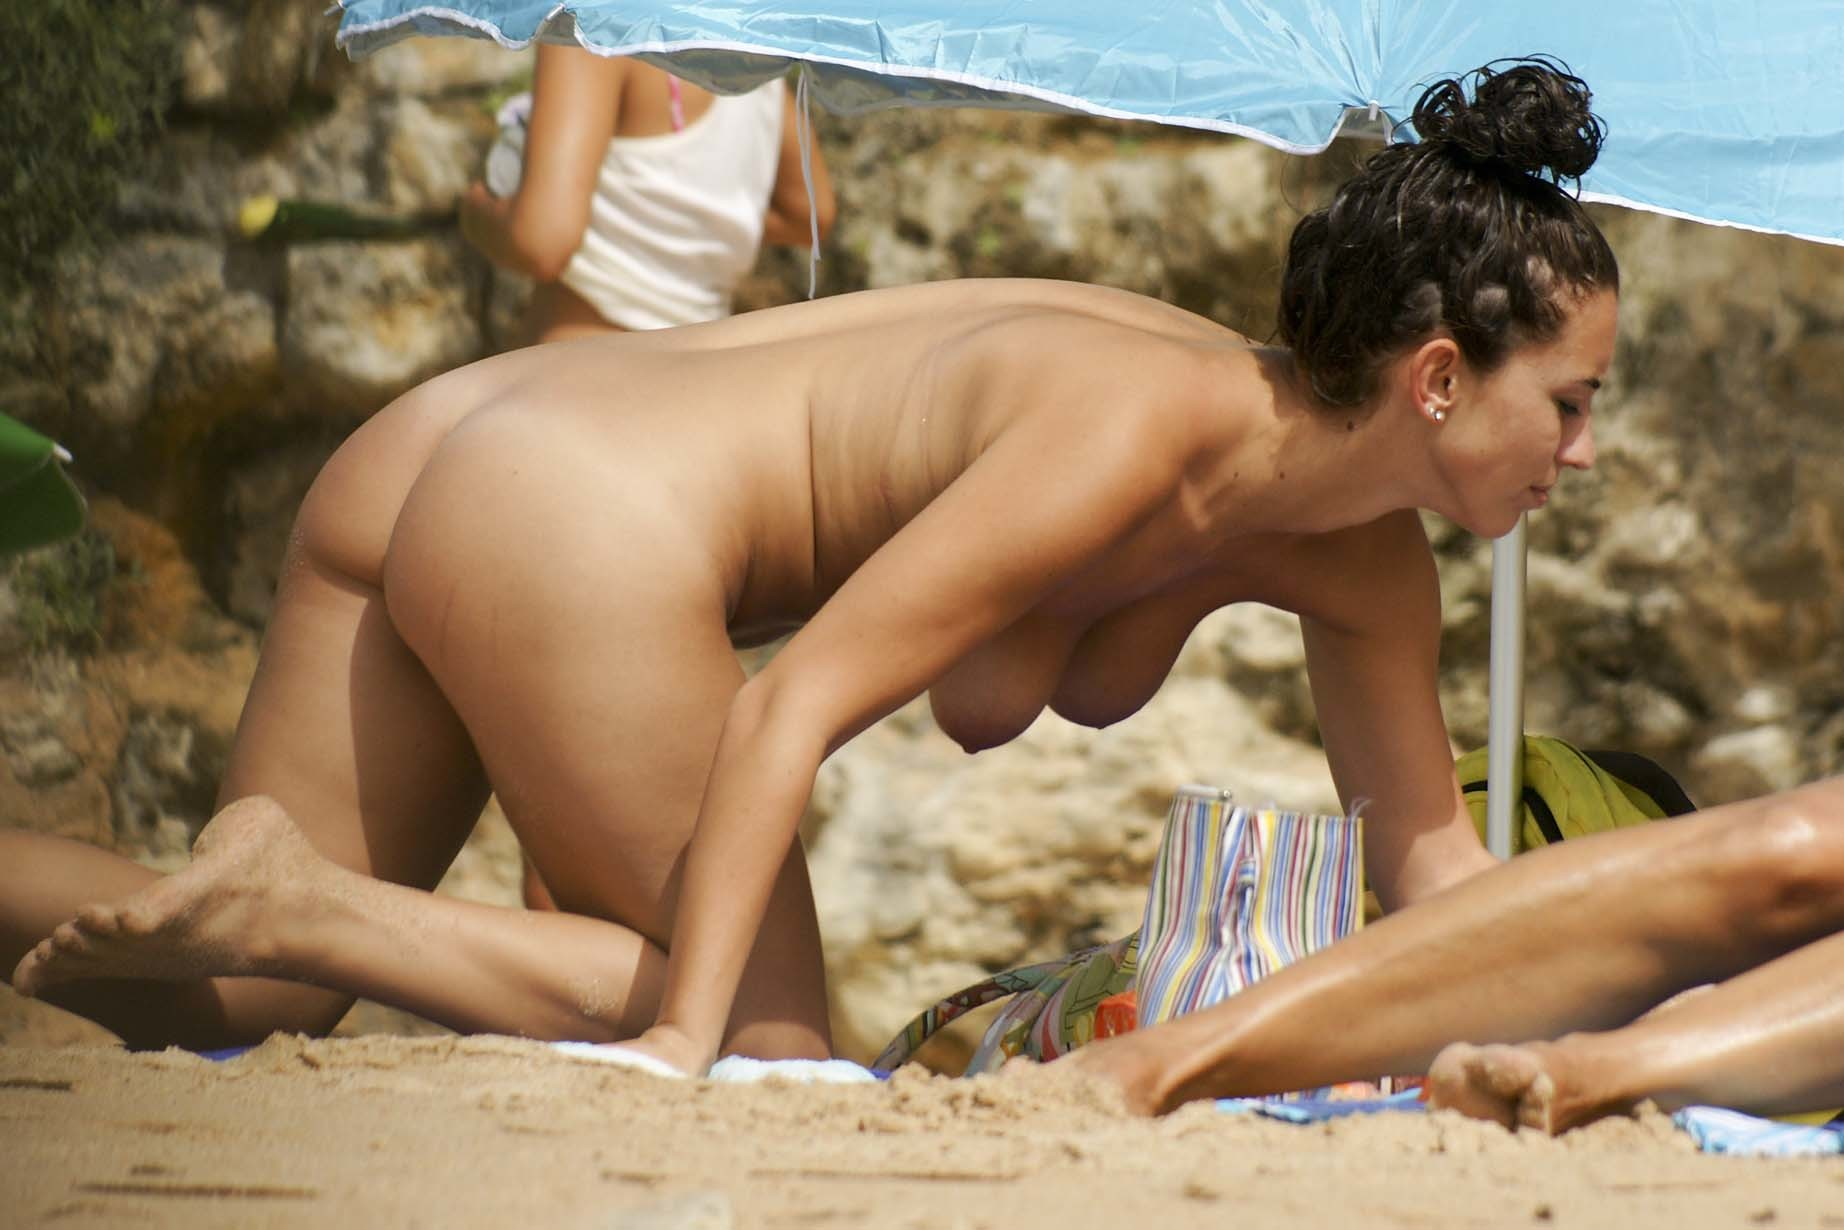 2 hermosas chicas cambiandose de ropa en la playa - 5 10